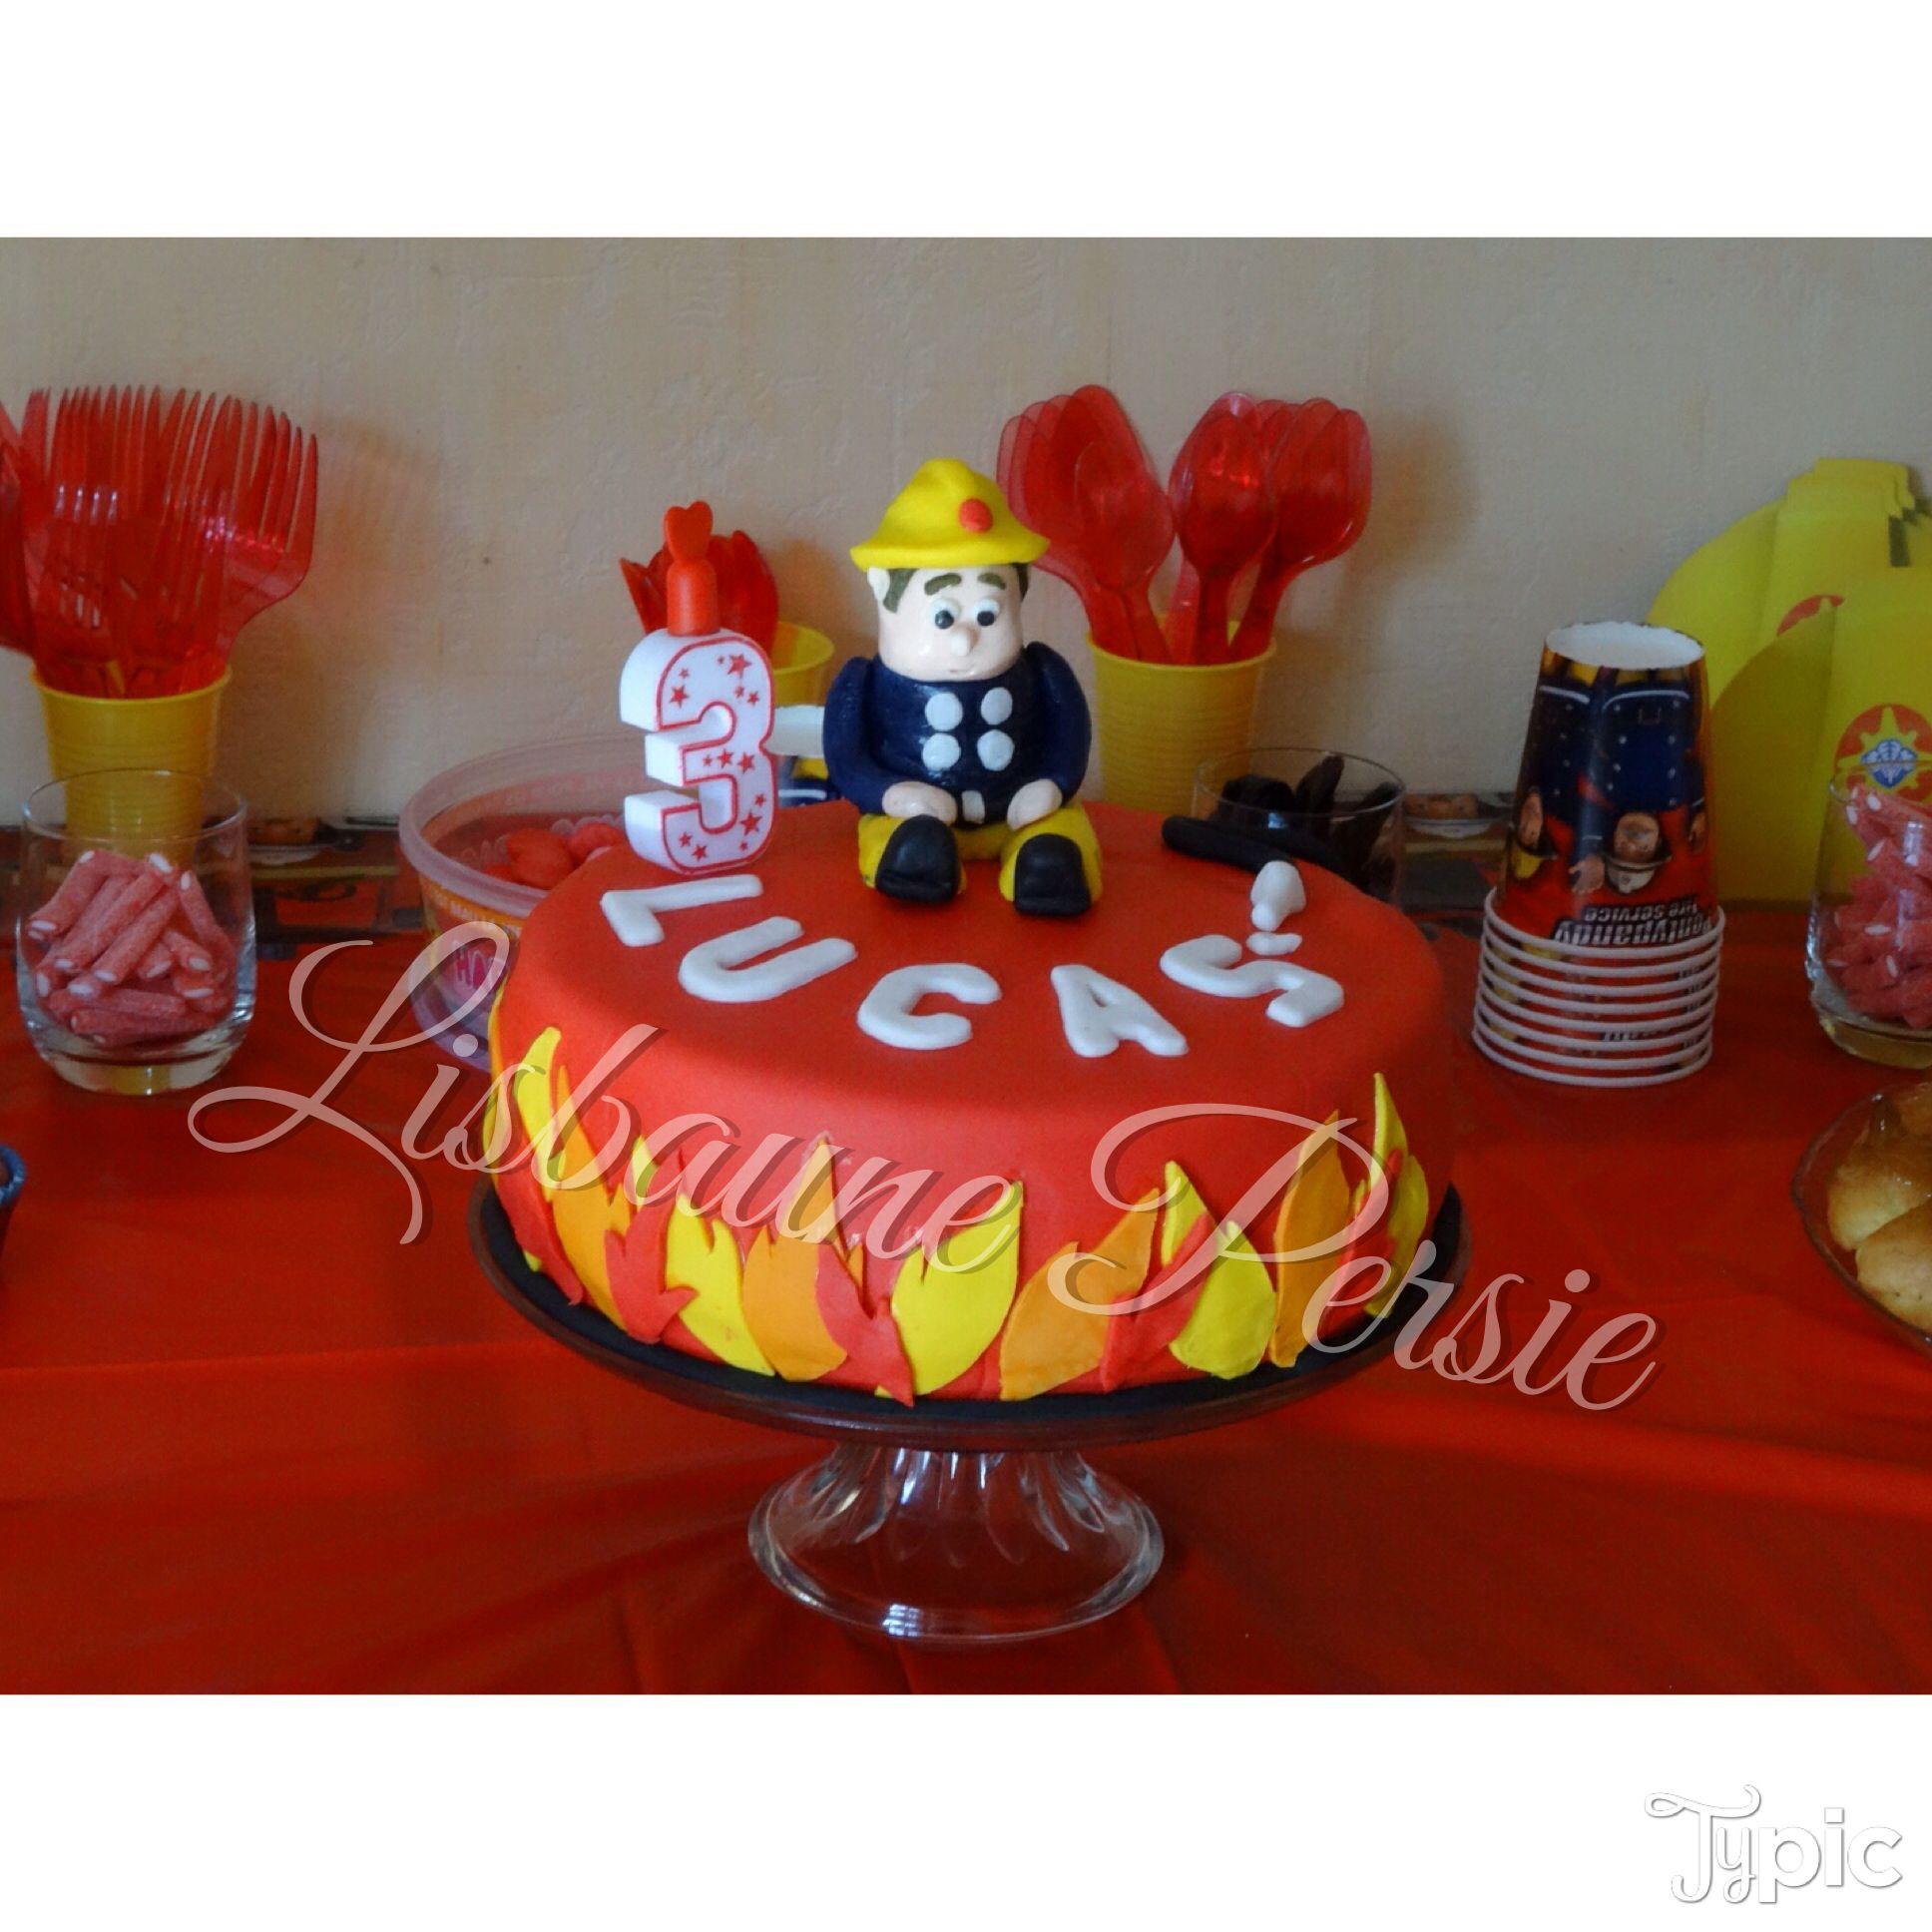 Lucas 3rd birthday cake fireman sam party g teau d - Decoration anniversaire sam le pompier ...